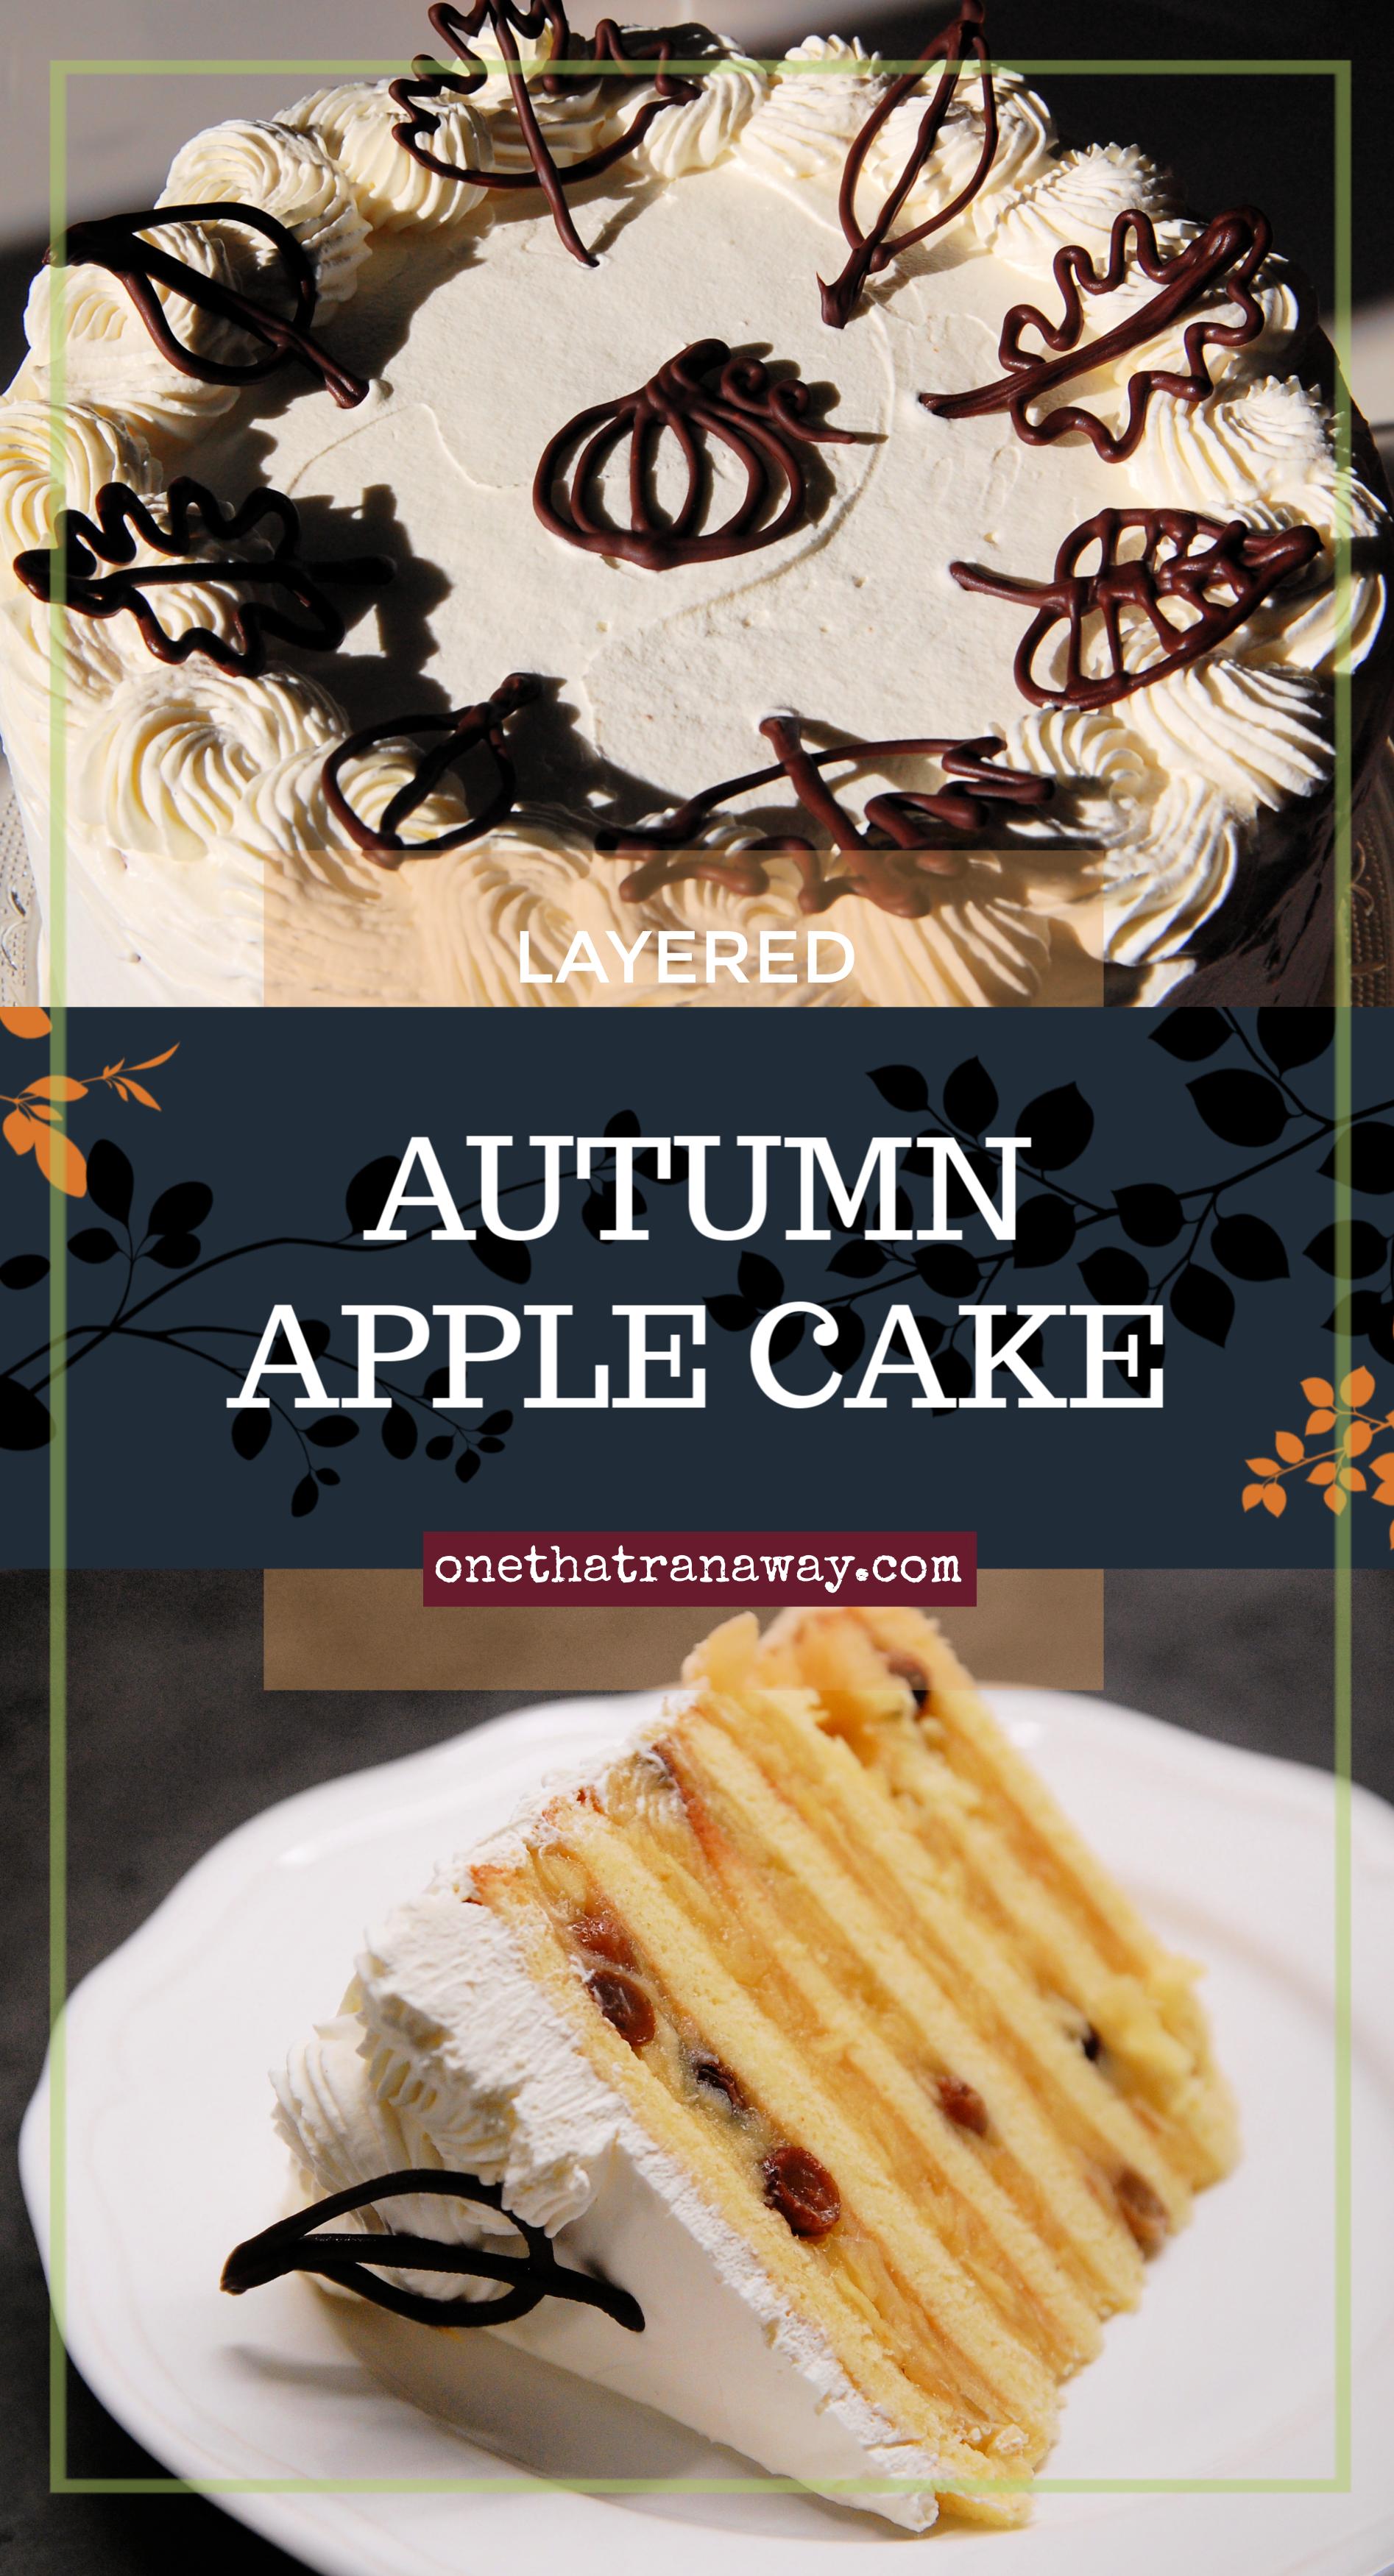 layered autumn apple cake